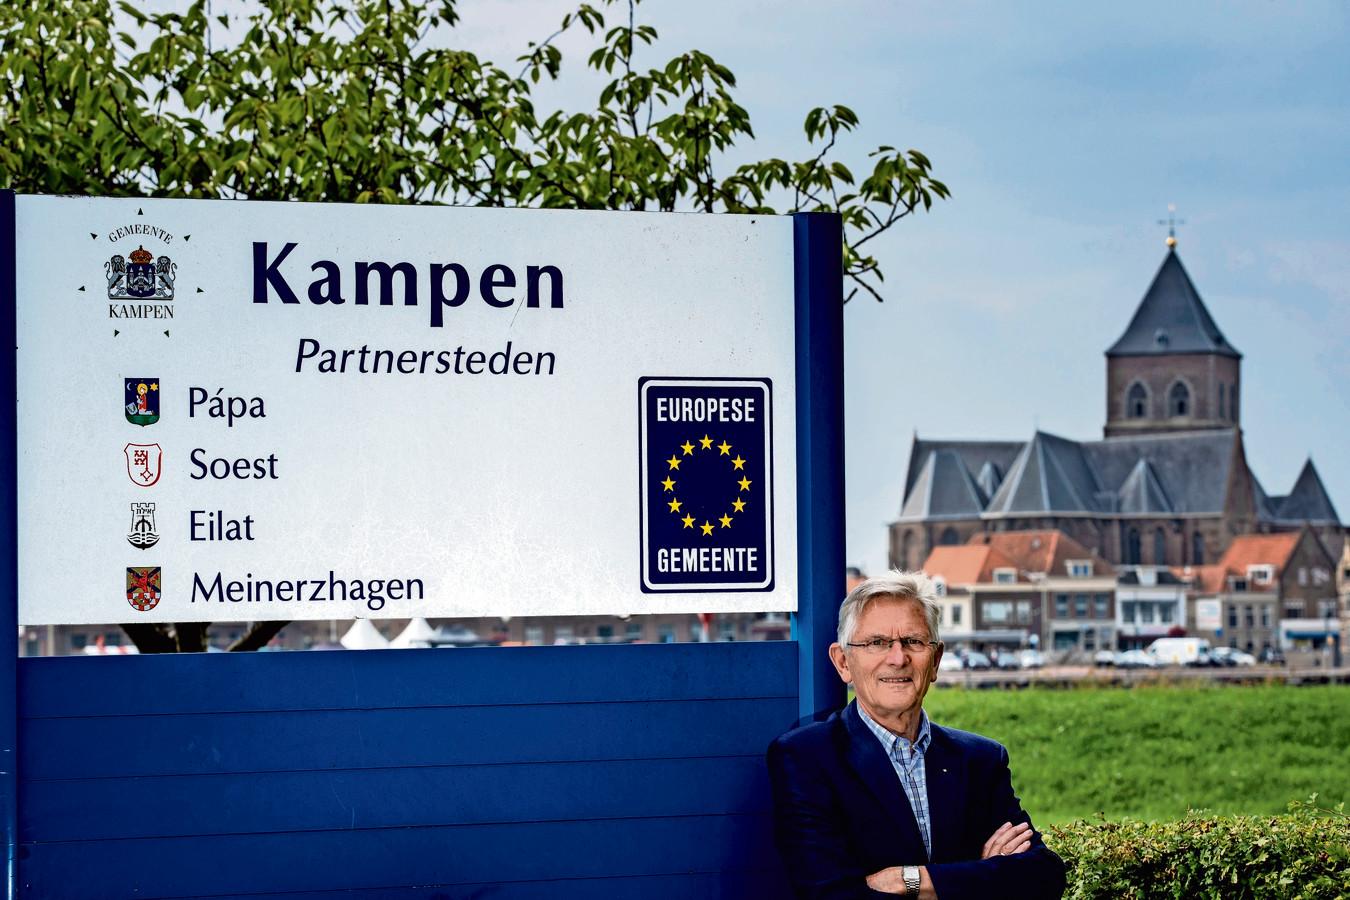 De partnersteden van Kampen. Op de foto ook Teun de Man, voorzitter van de Stichting Kampen Internationale Samenwerking